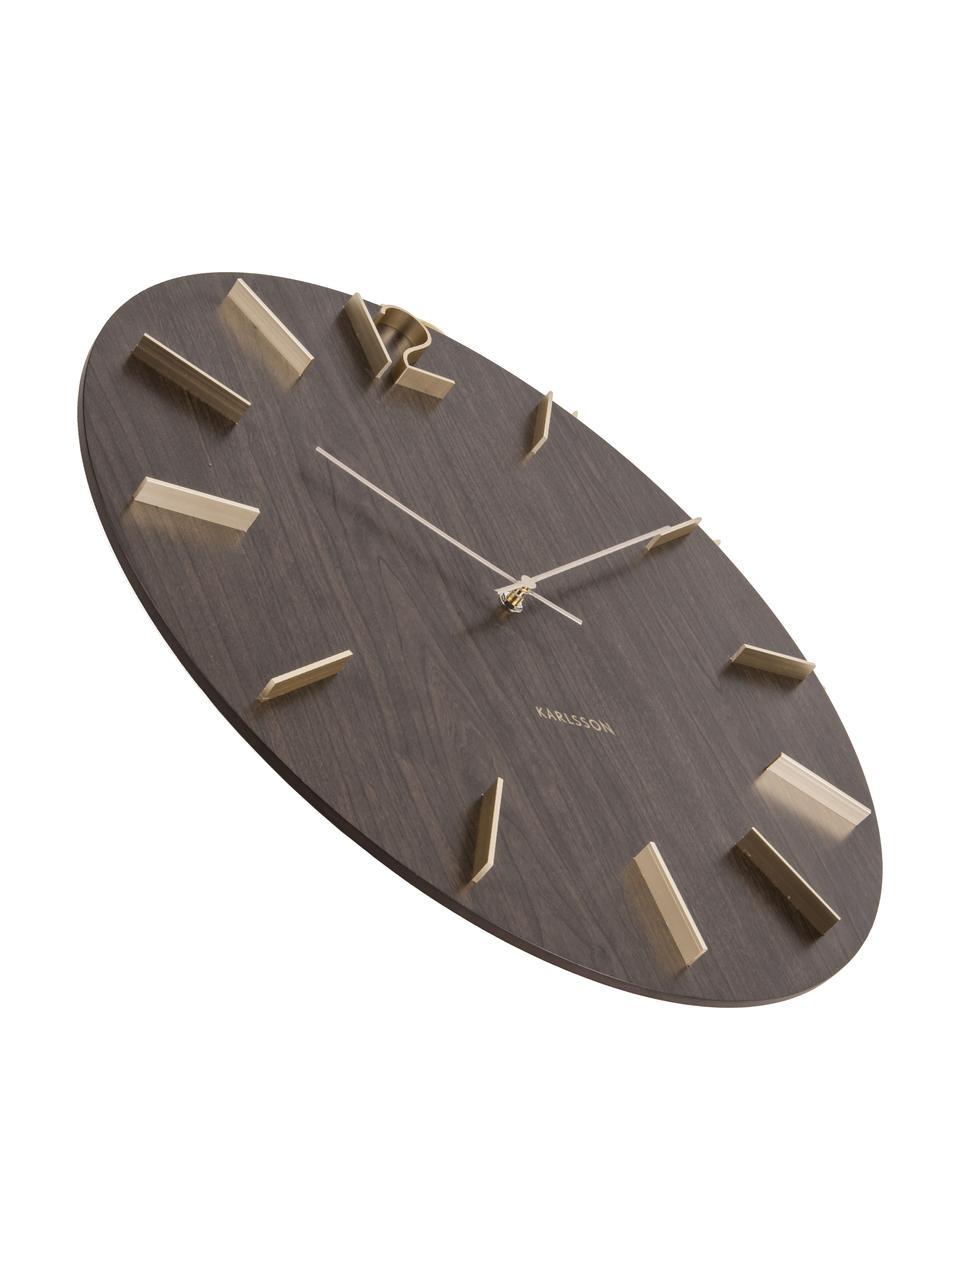 XL Wanduhr Meek, Ziffernblatt: Mitteldichte Holzfaserpla, Zeiger: Aluminium, beschichtet, Dunkelbraun, Goldfarben, Ø 50 cm